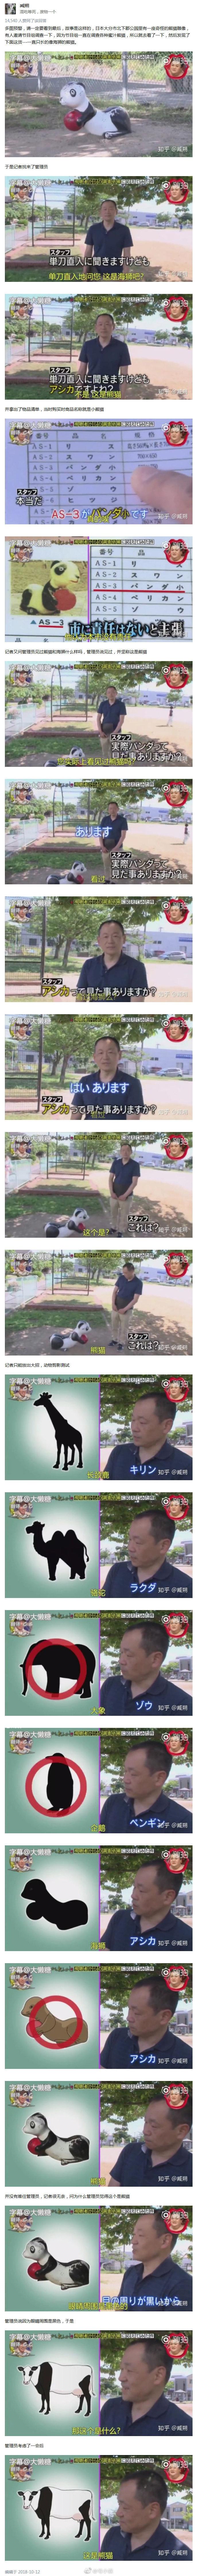 日本人眼中的大熊猫能让人笑死-福禄吧